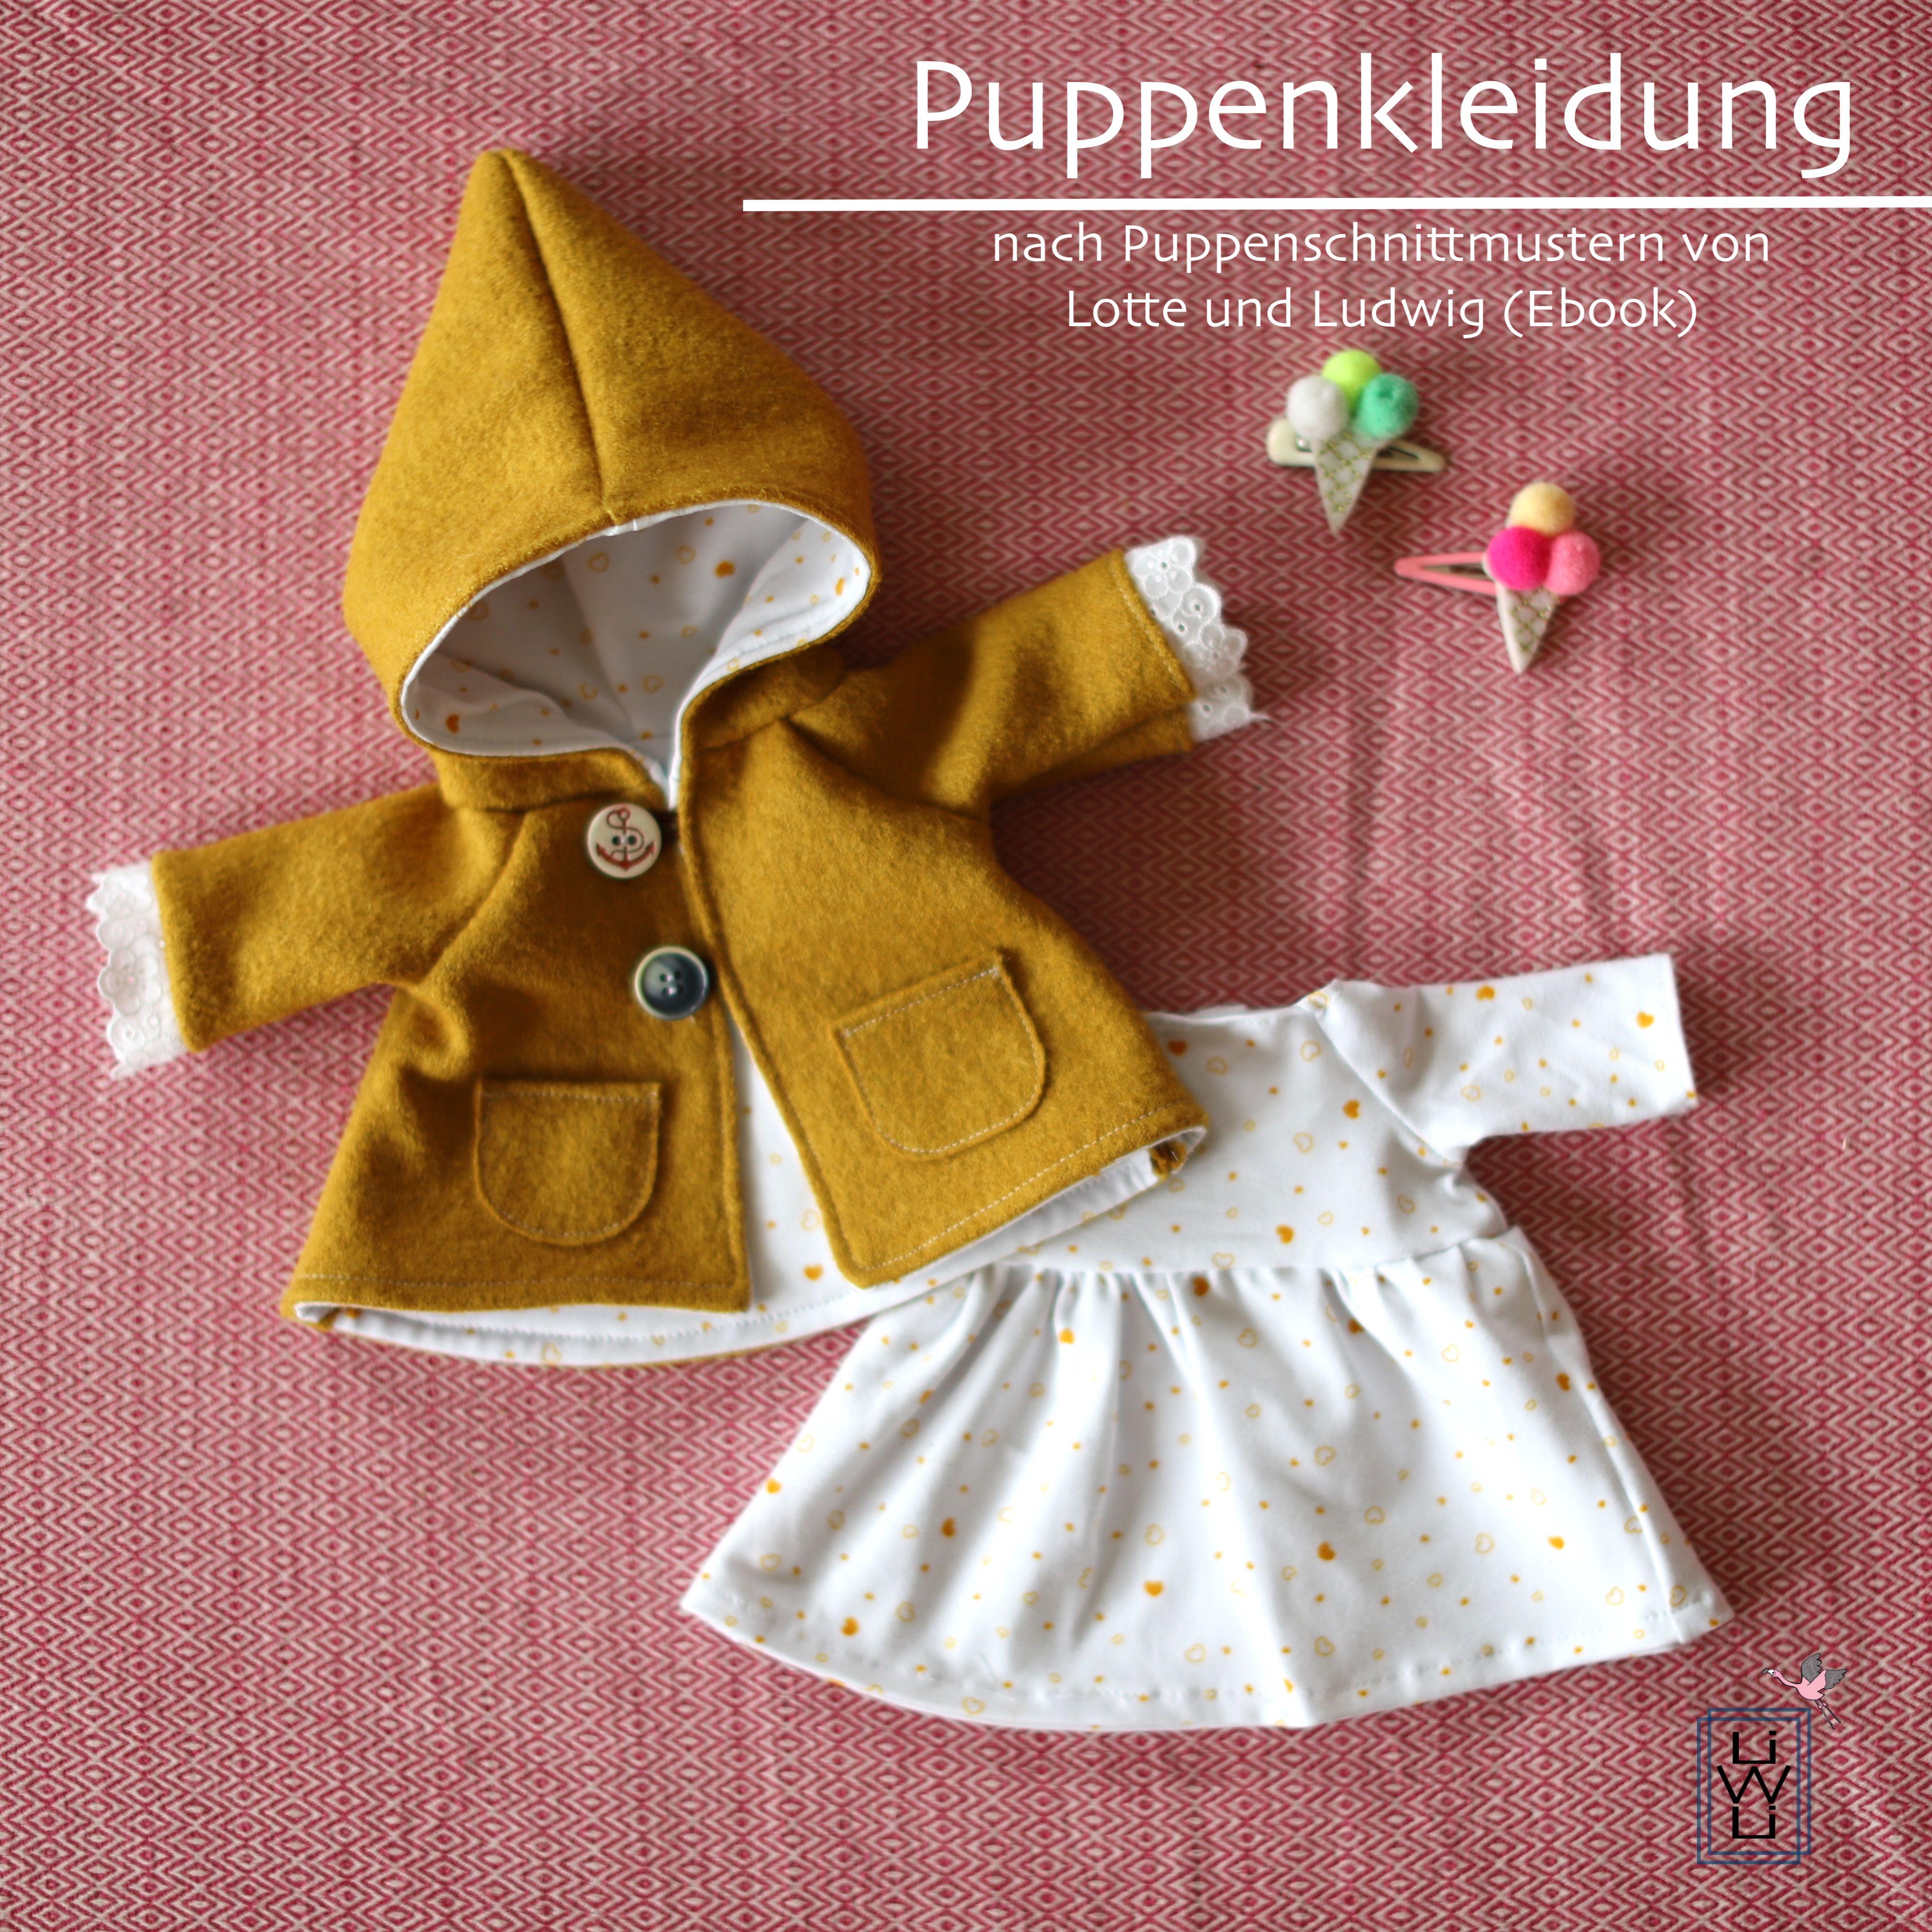 Puppenjacke und -kleid nähen (Ebook von Lotte und Ludwig) - Lila wie Liebe